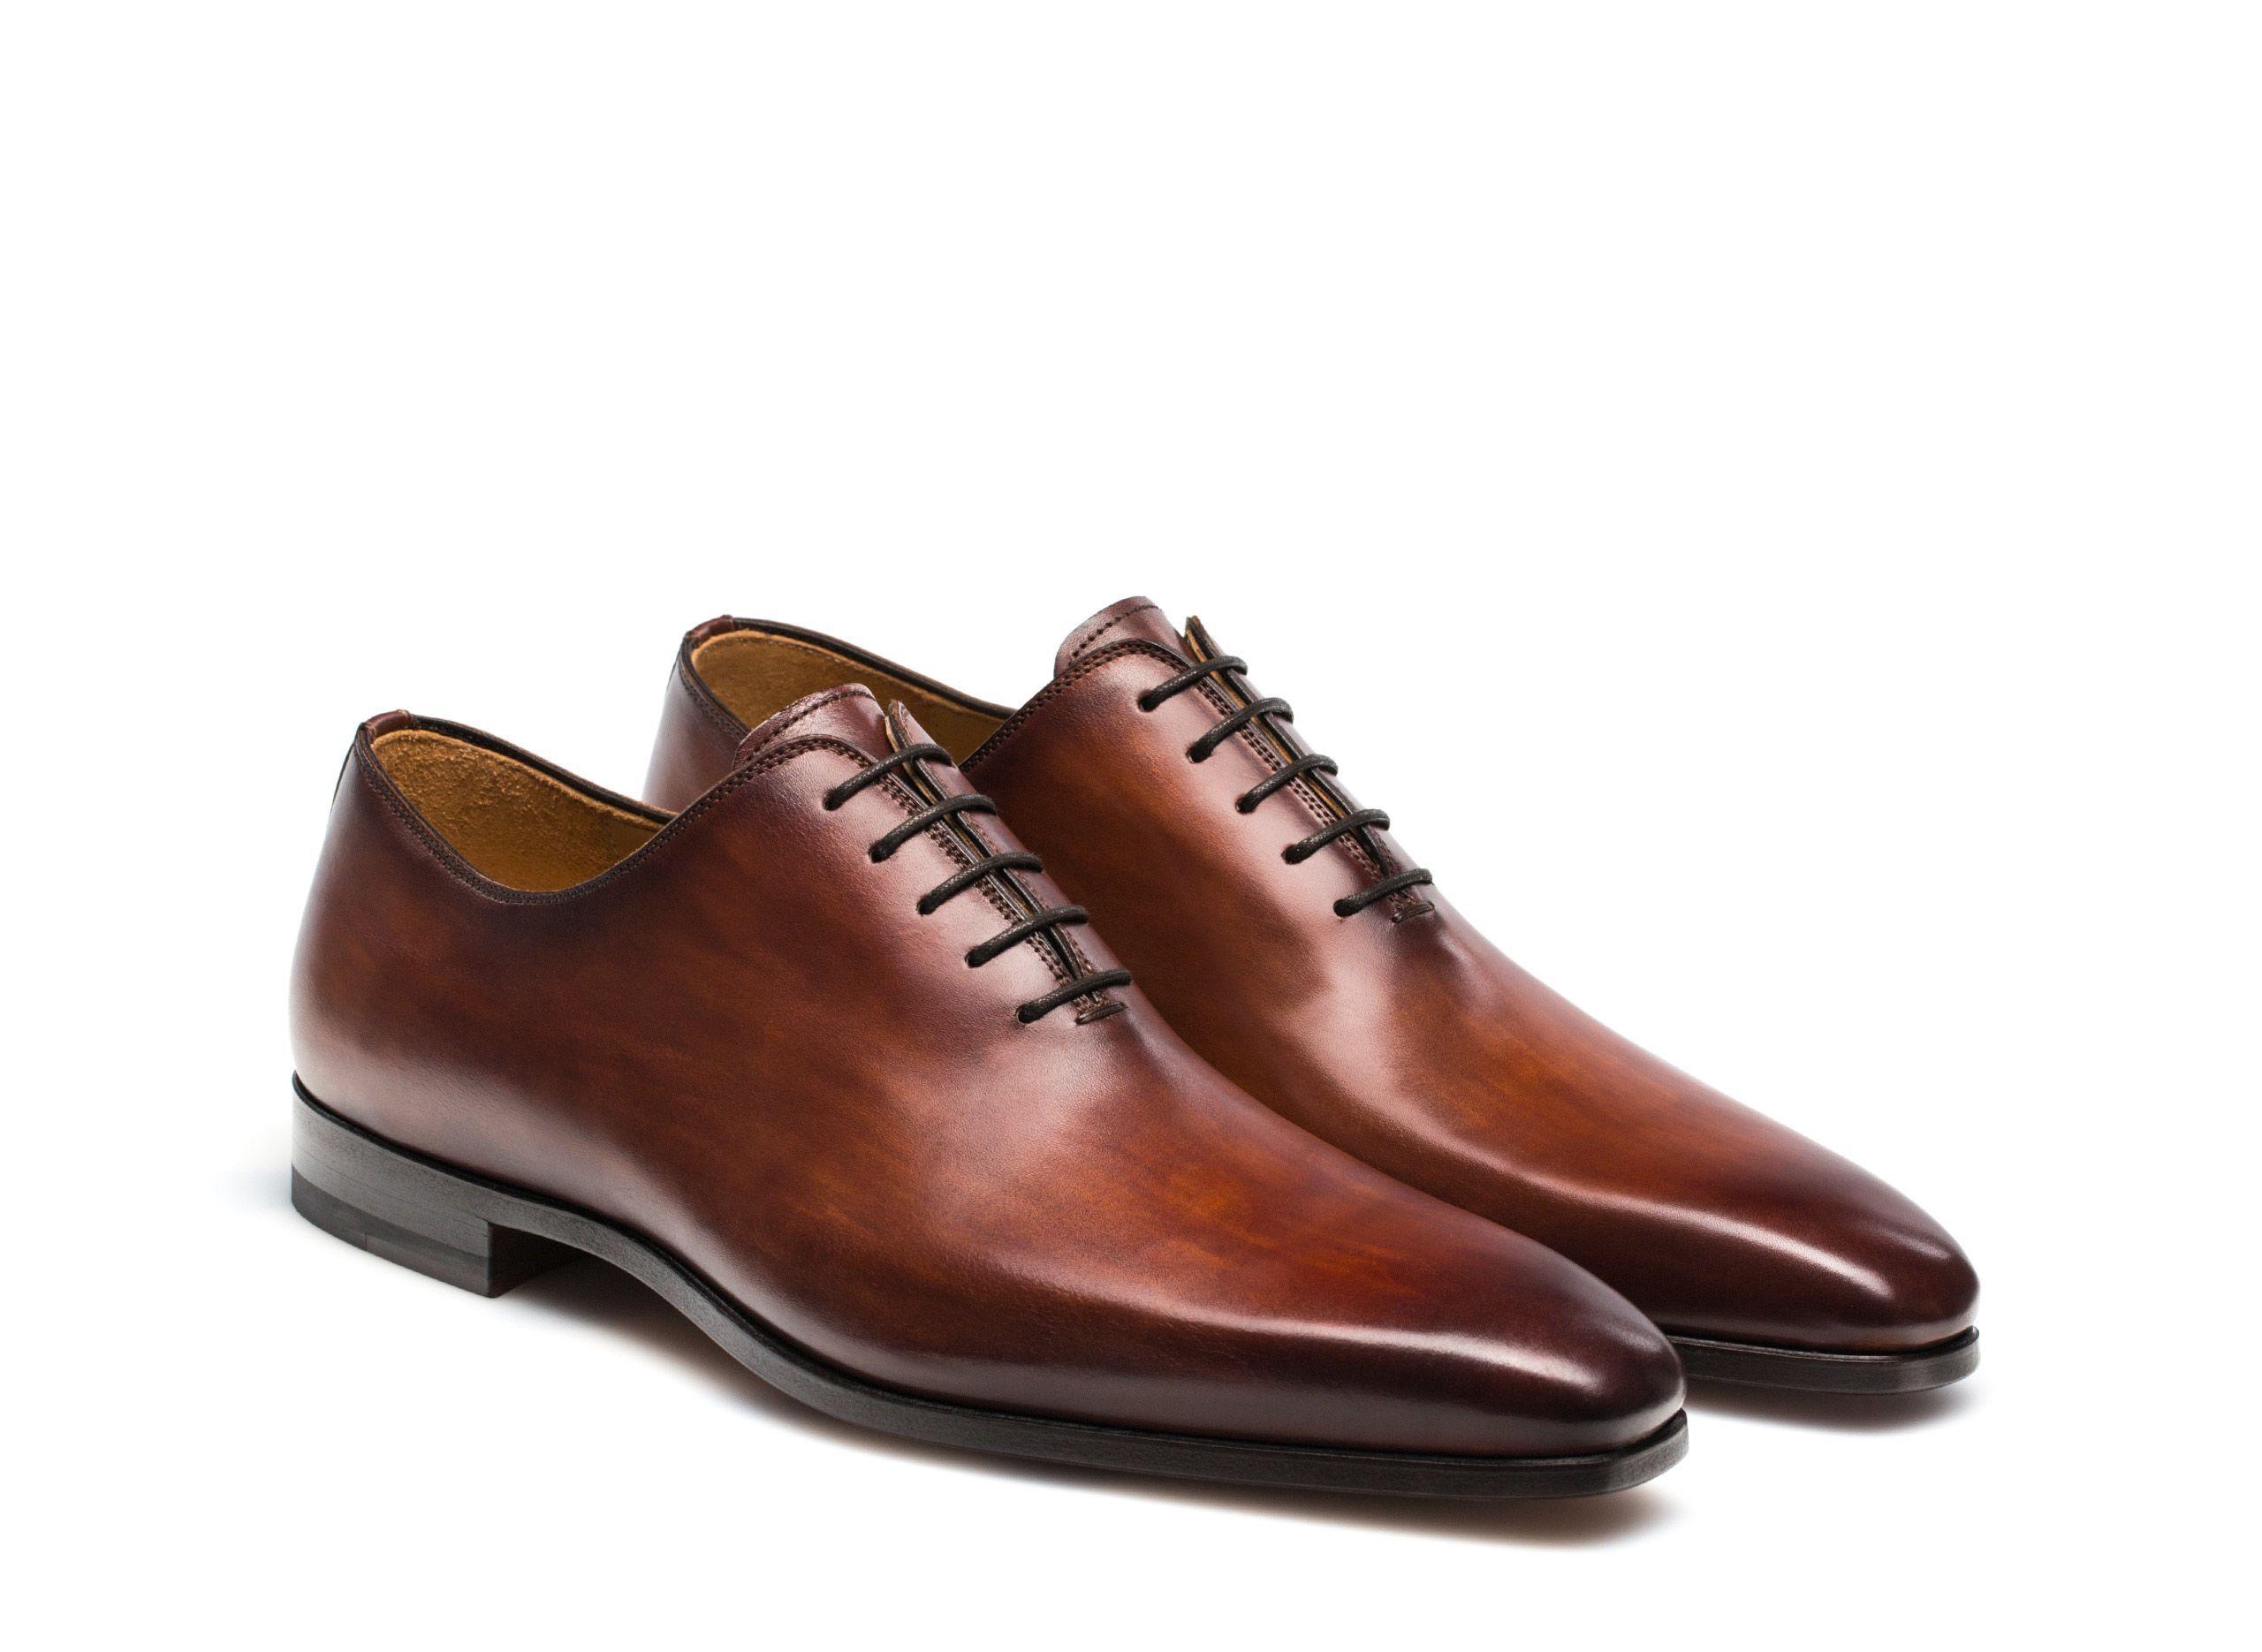 magnanni shoes online